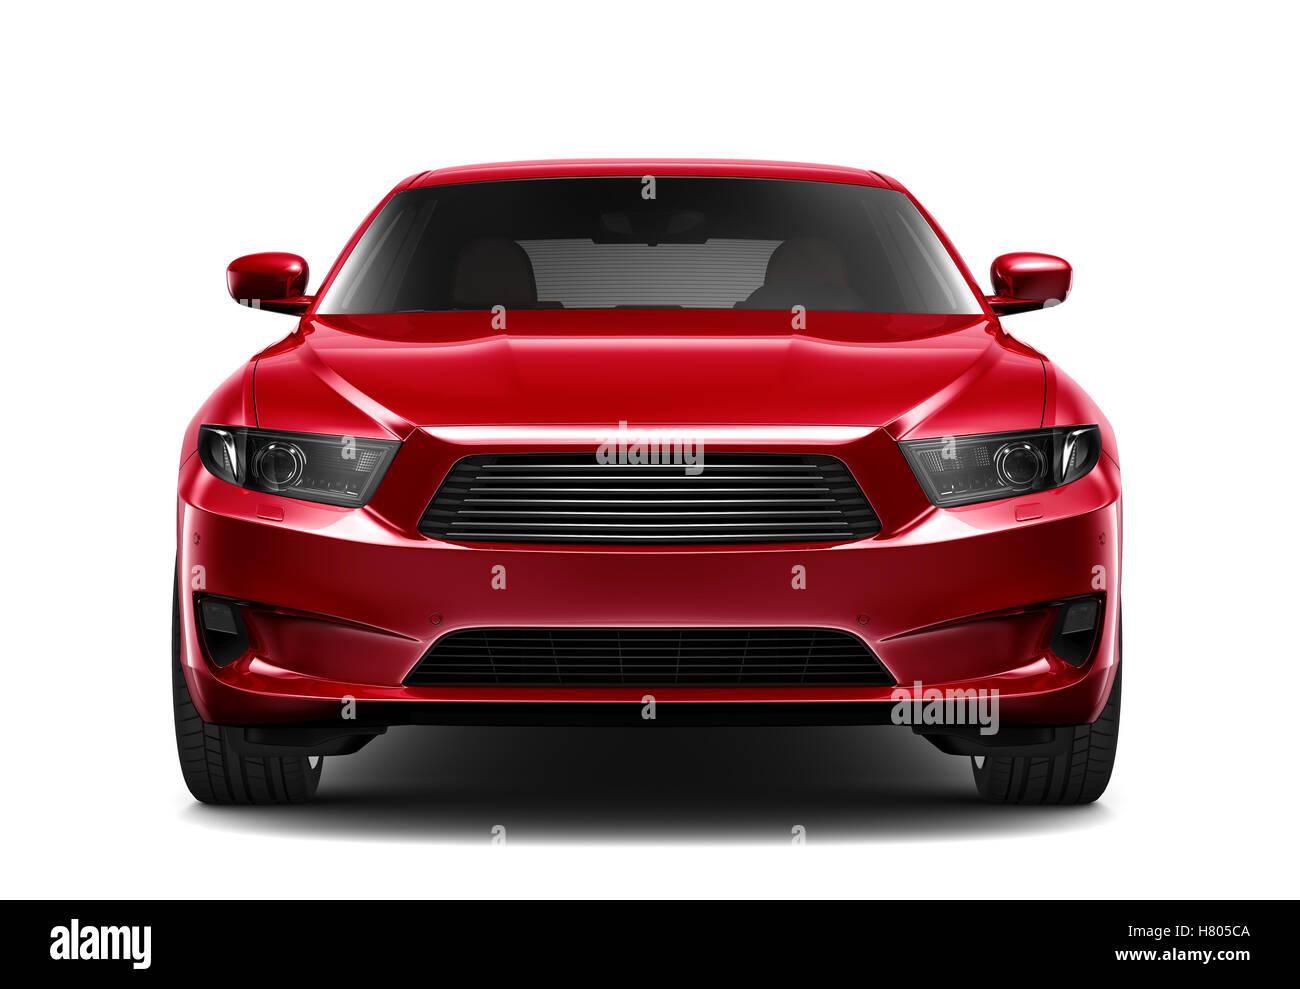 Rojo coche genérico - Vista frontal Imagen De Stock